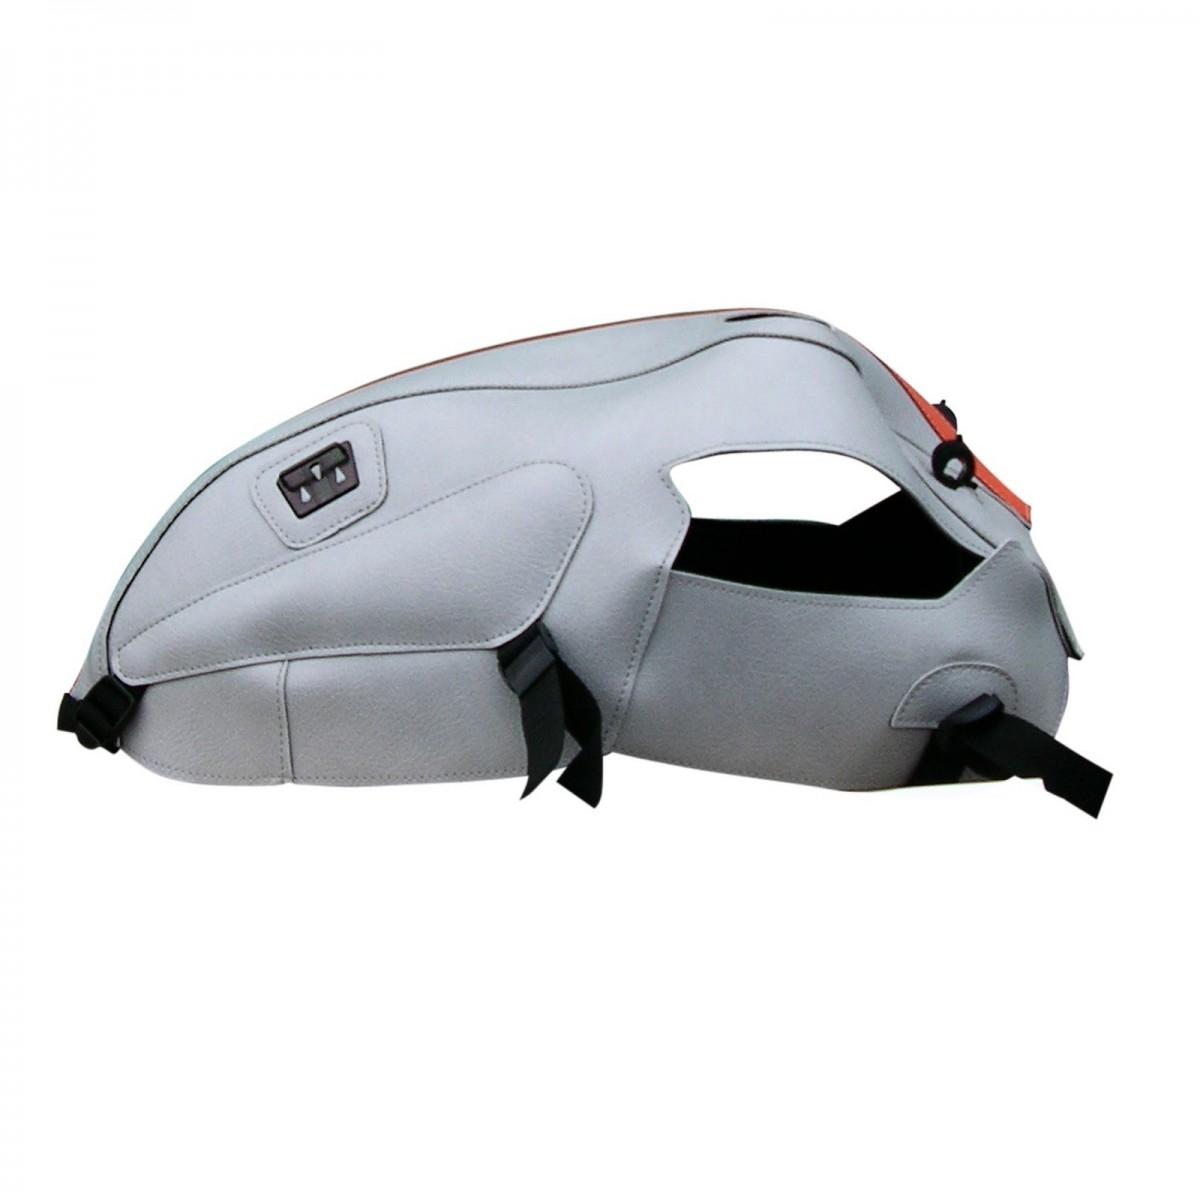 Protège-réservoir Bagster Triumph Thruxton 900 2008 gris clair/bande o